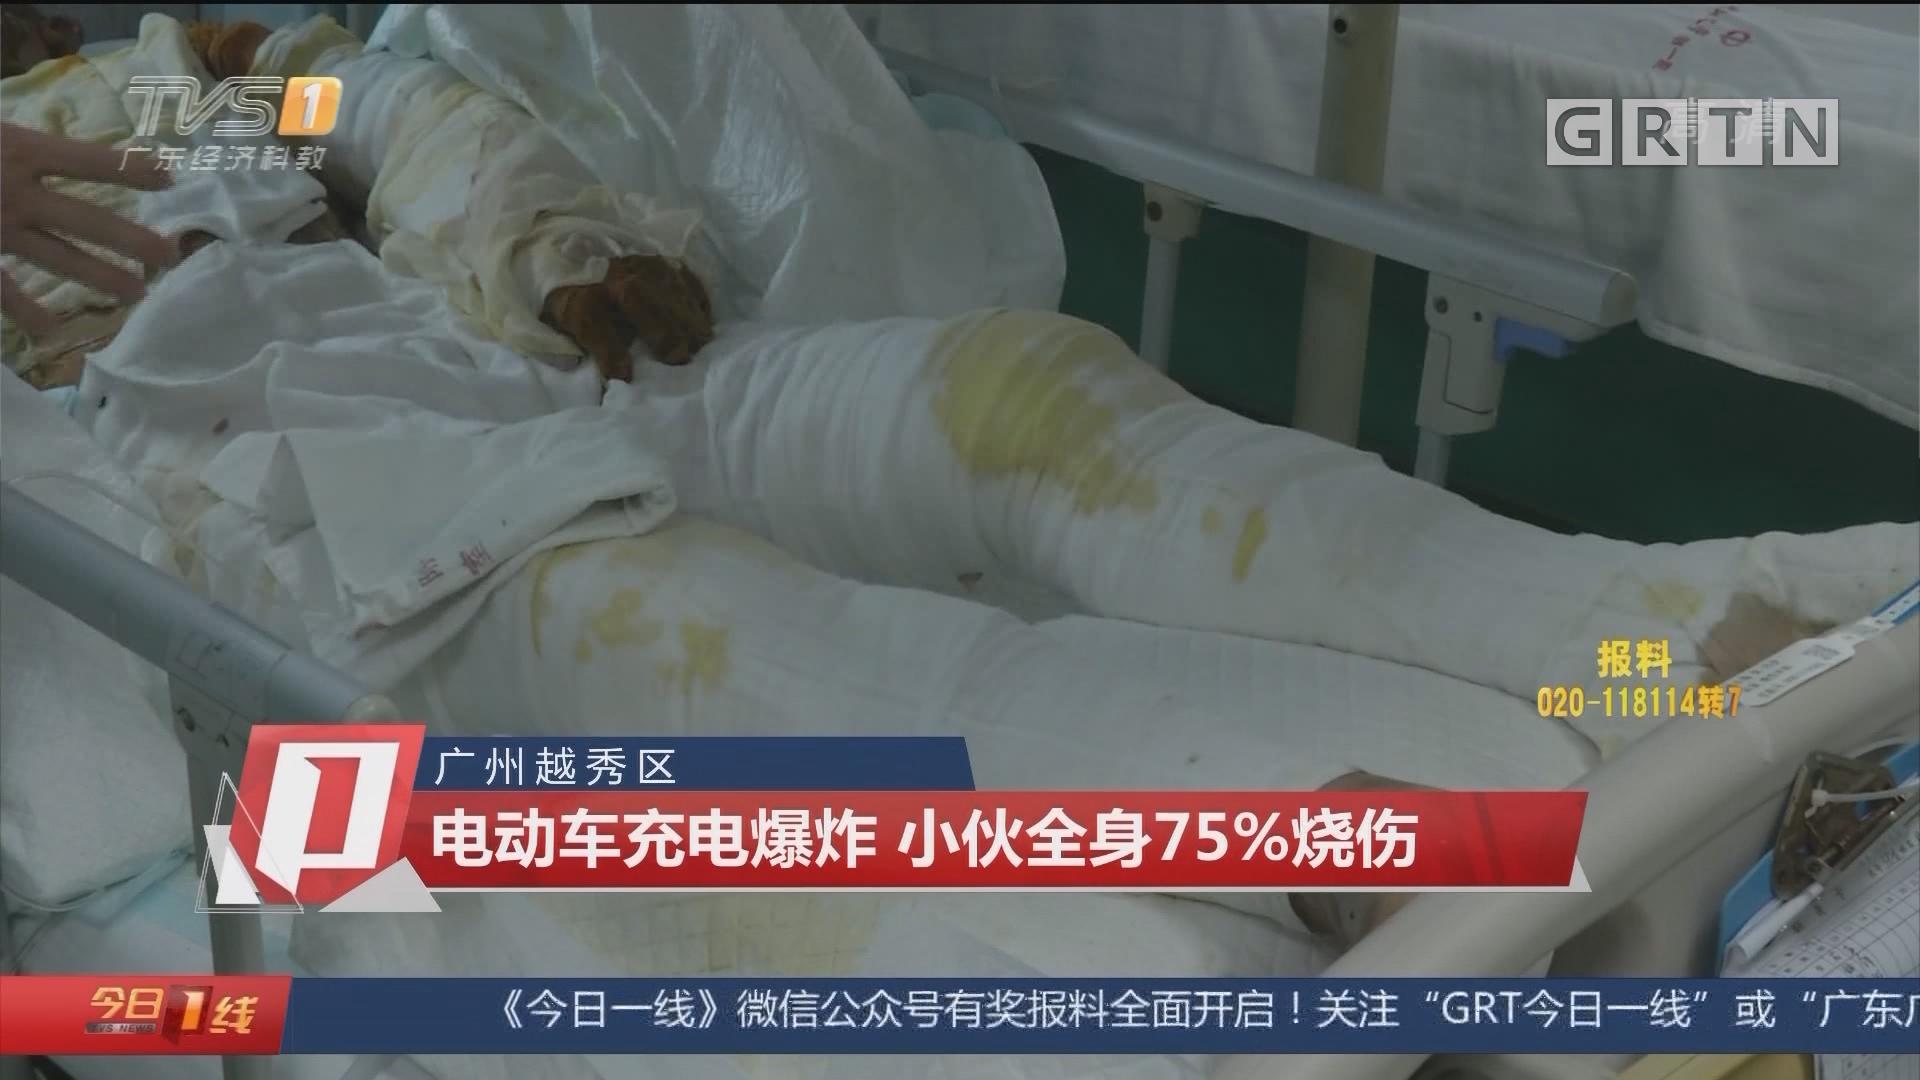 广州越秀区:电动车充电爆炸 小伙全身75%烧伤